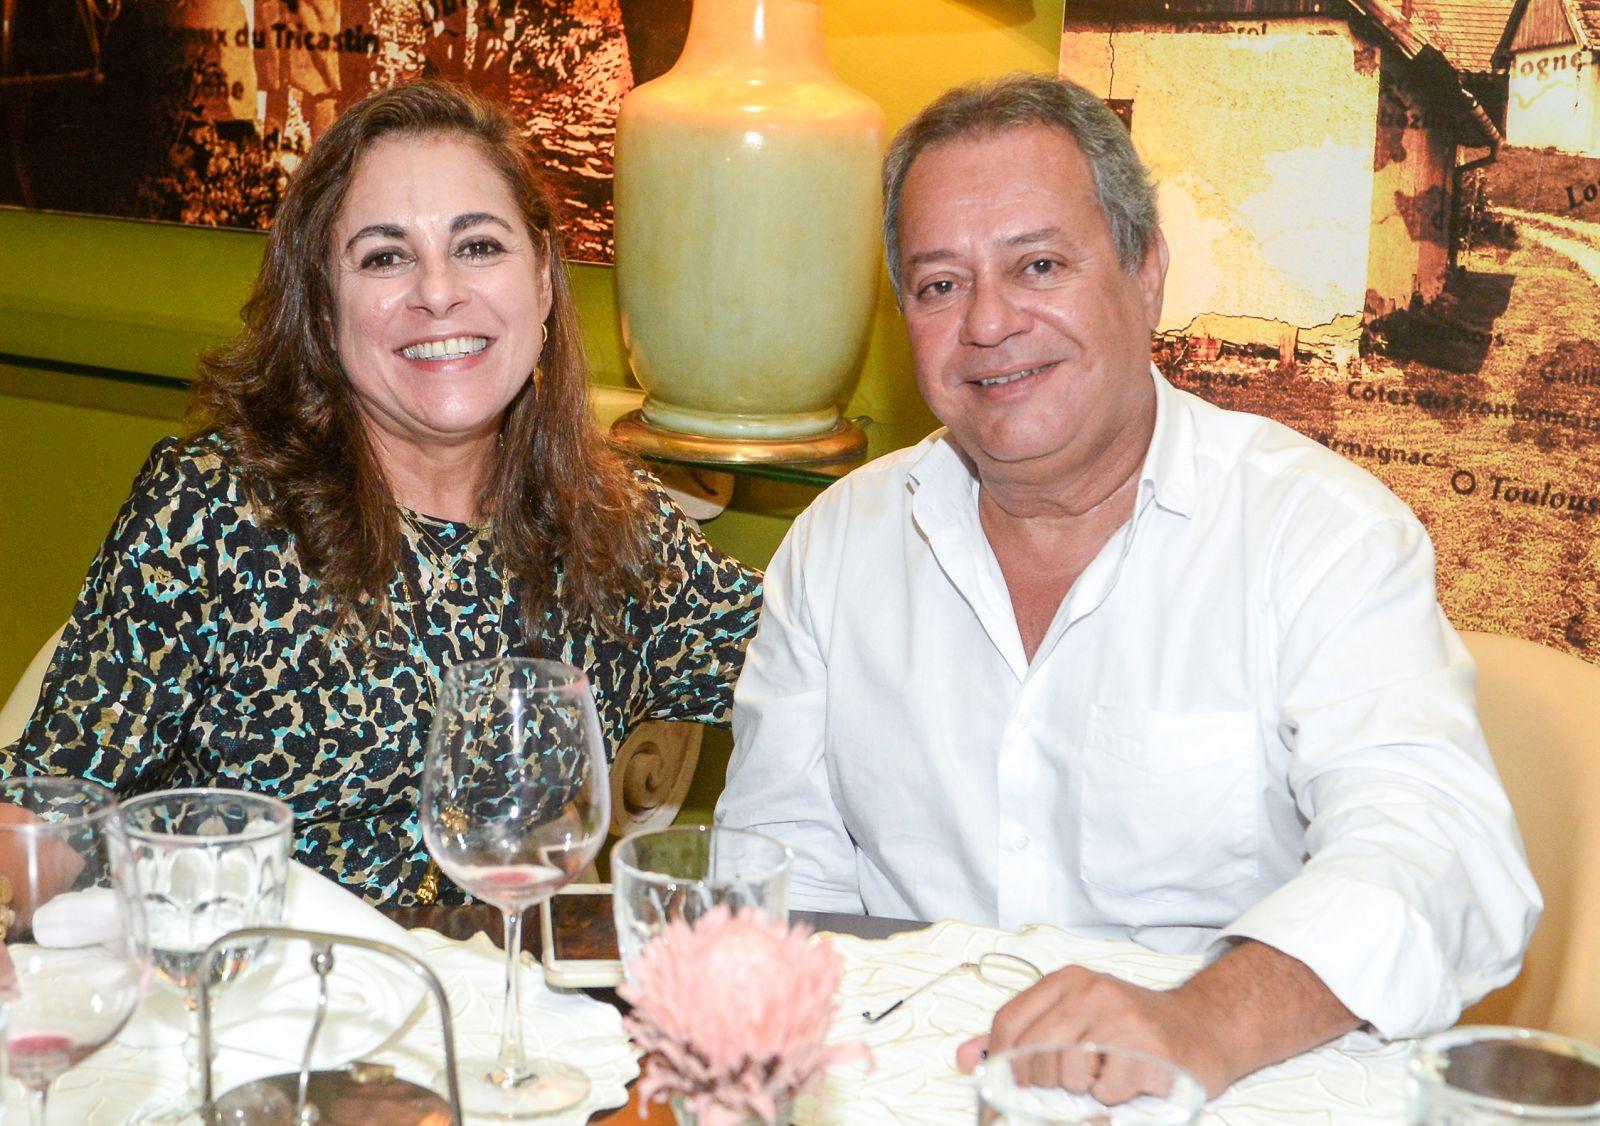 Maria Clara e Roberto Alban presidente da Federação da Indústria e Comércio da Bahia é o casal destaque de hoje 20 de junho